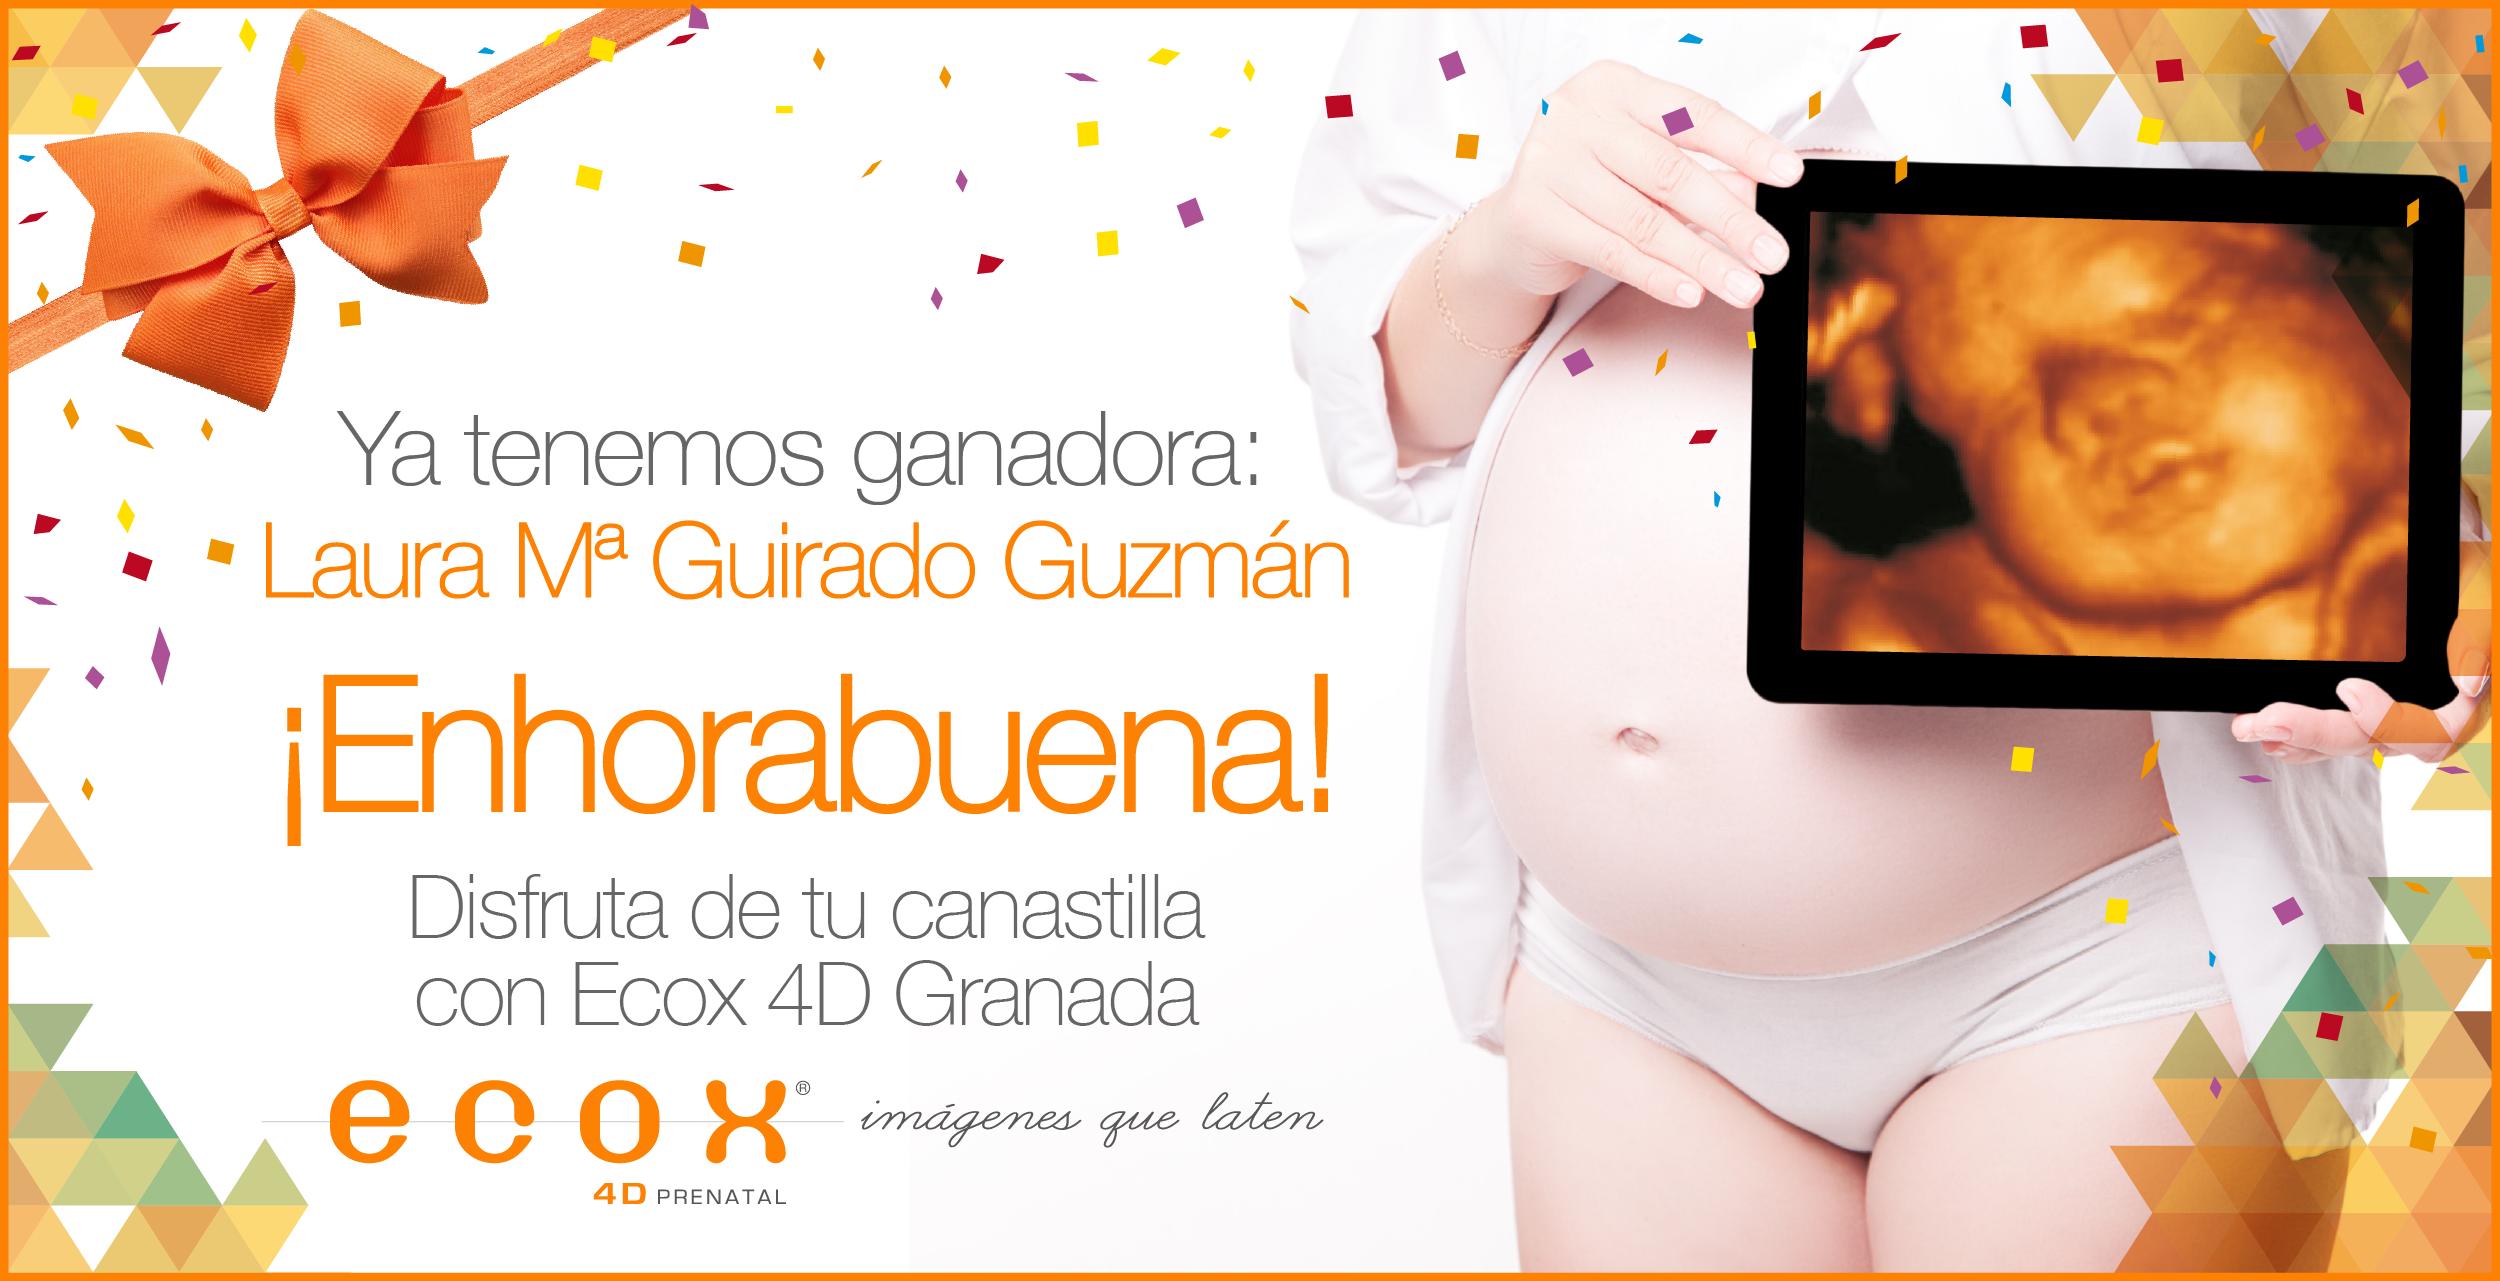 Ecox Granada - Sorteo Ganadora Promo Aniversario ganadora